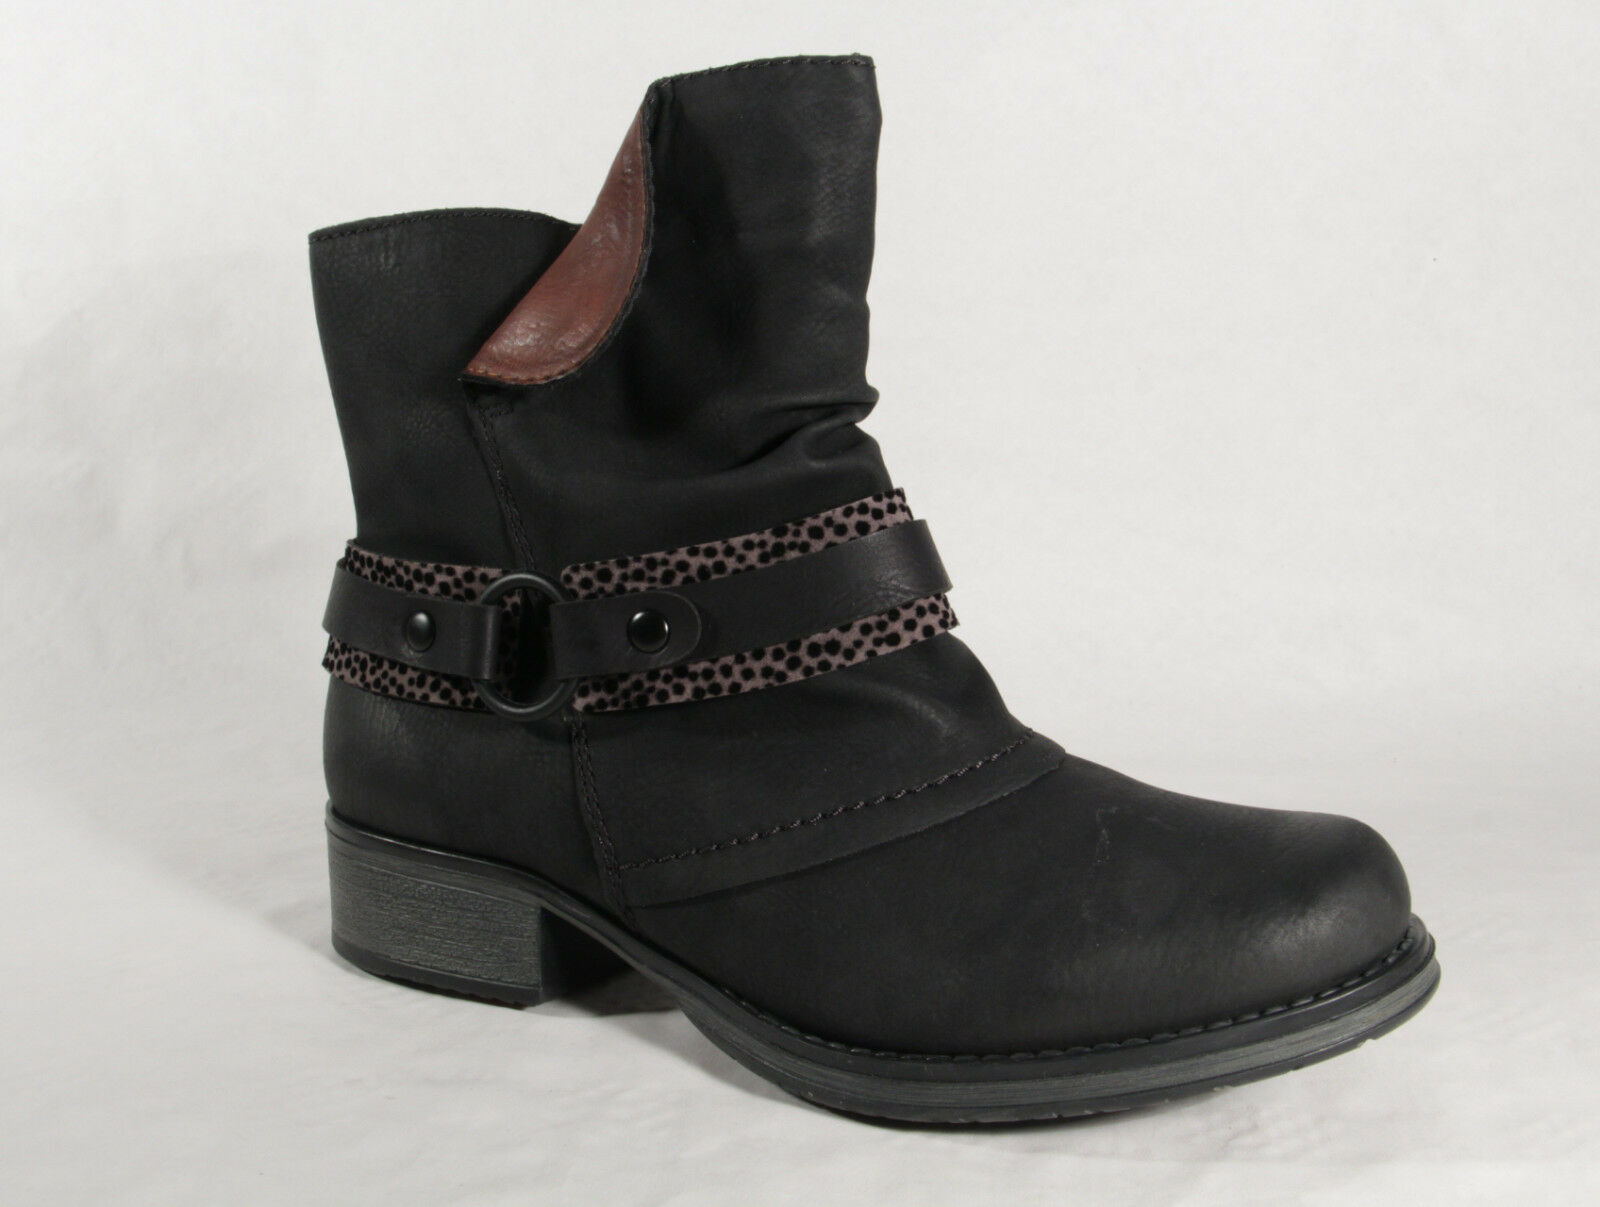 Rieker Stiefel Y9792 Stiefelette Stiefel, Winterstiefel schwarz schwarz schwarz  NEU  | Attraktiv Und Langlebig  55e814